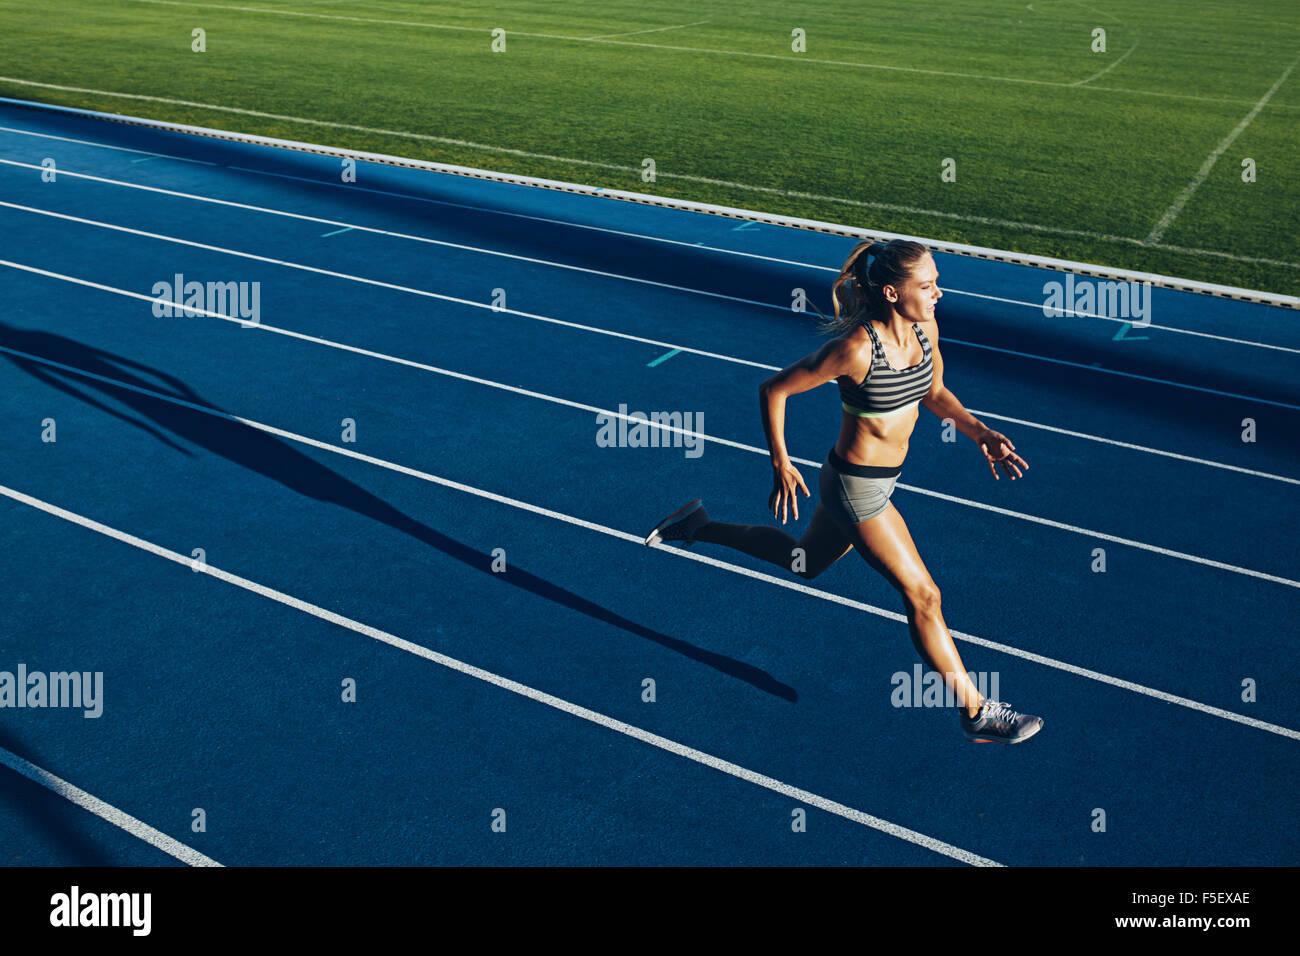 Jeune femme tournant sur racetrack au cours de session de formation. Coureuse pratiquer l'athlétisme sur Photo Stock